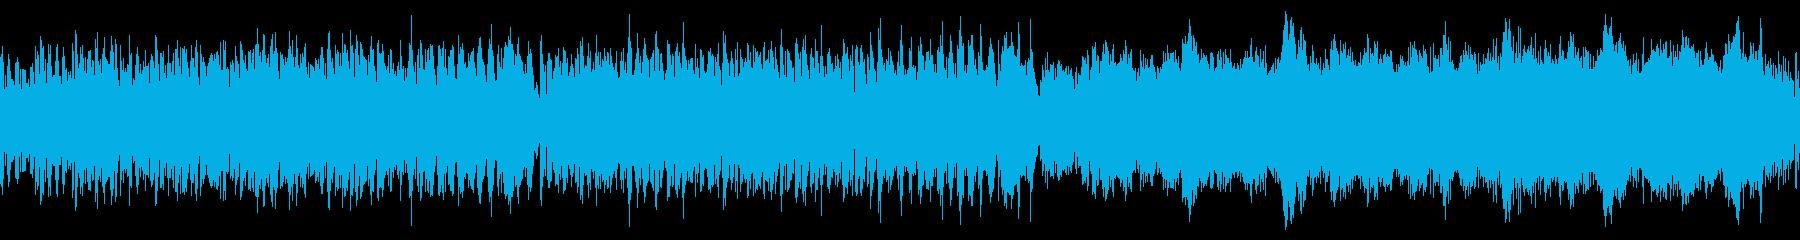 ピアノとストリングスの明るい曲の再生済みの波形